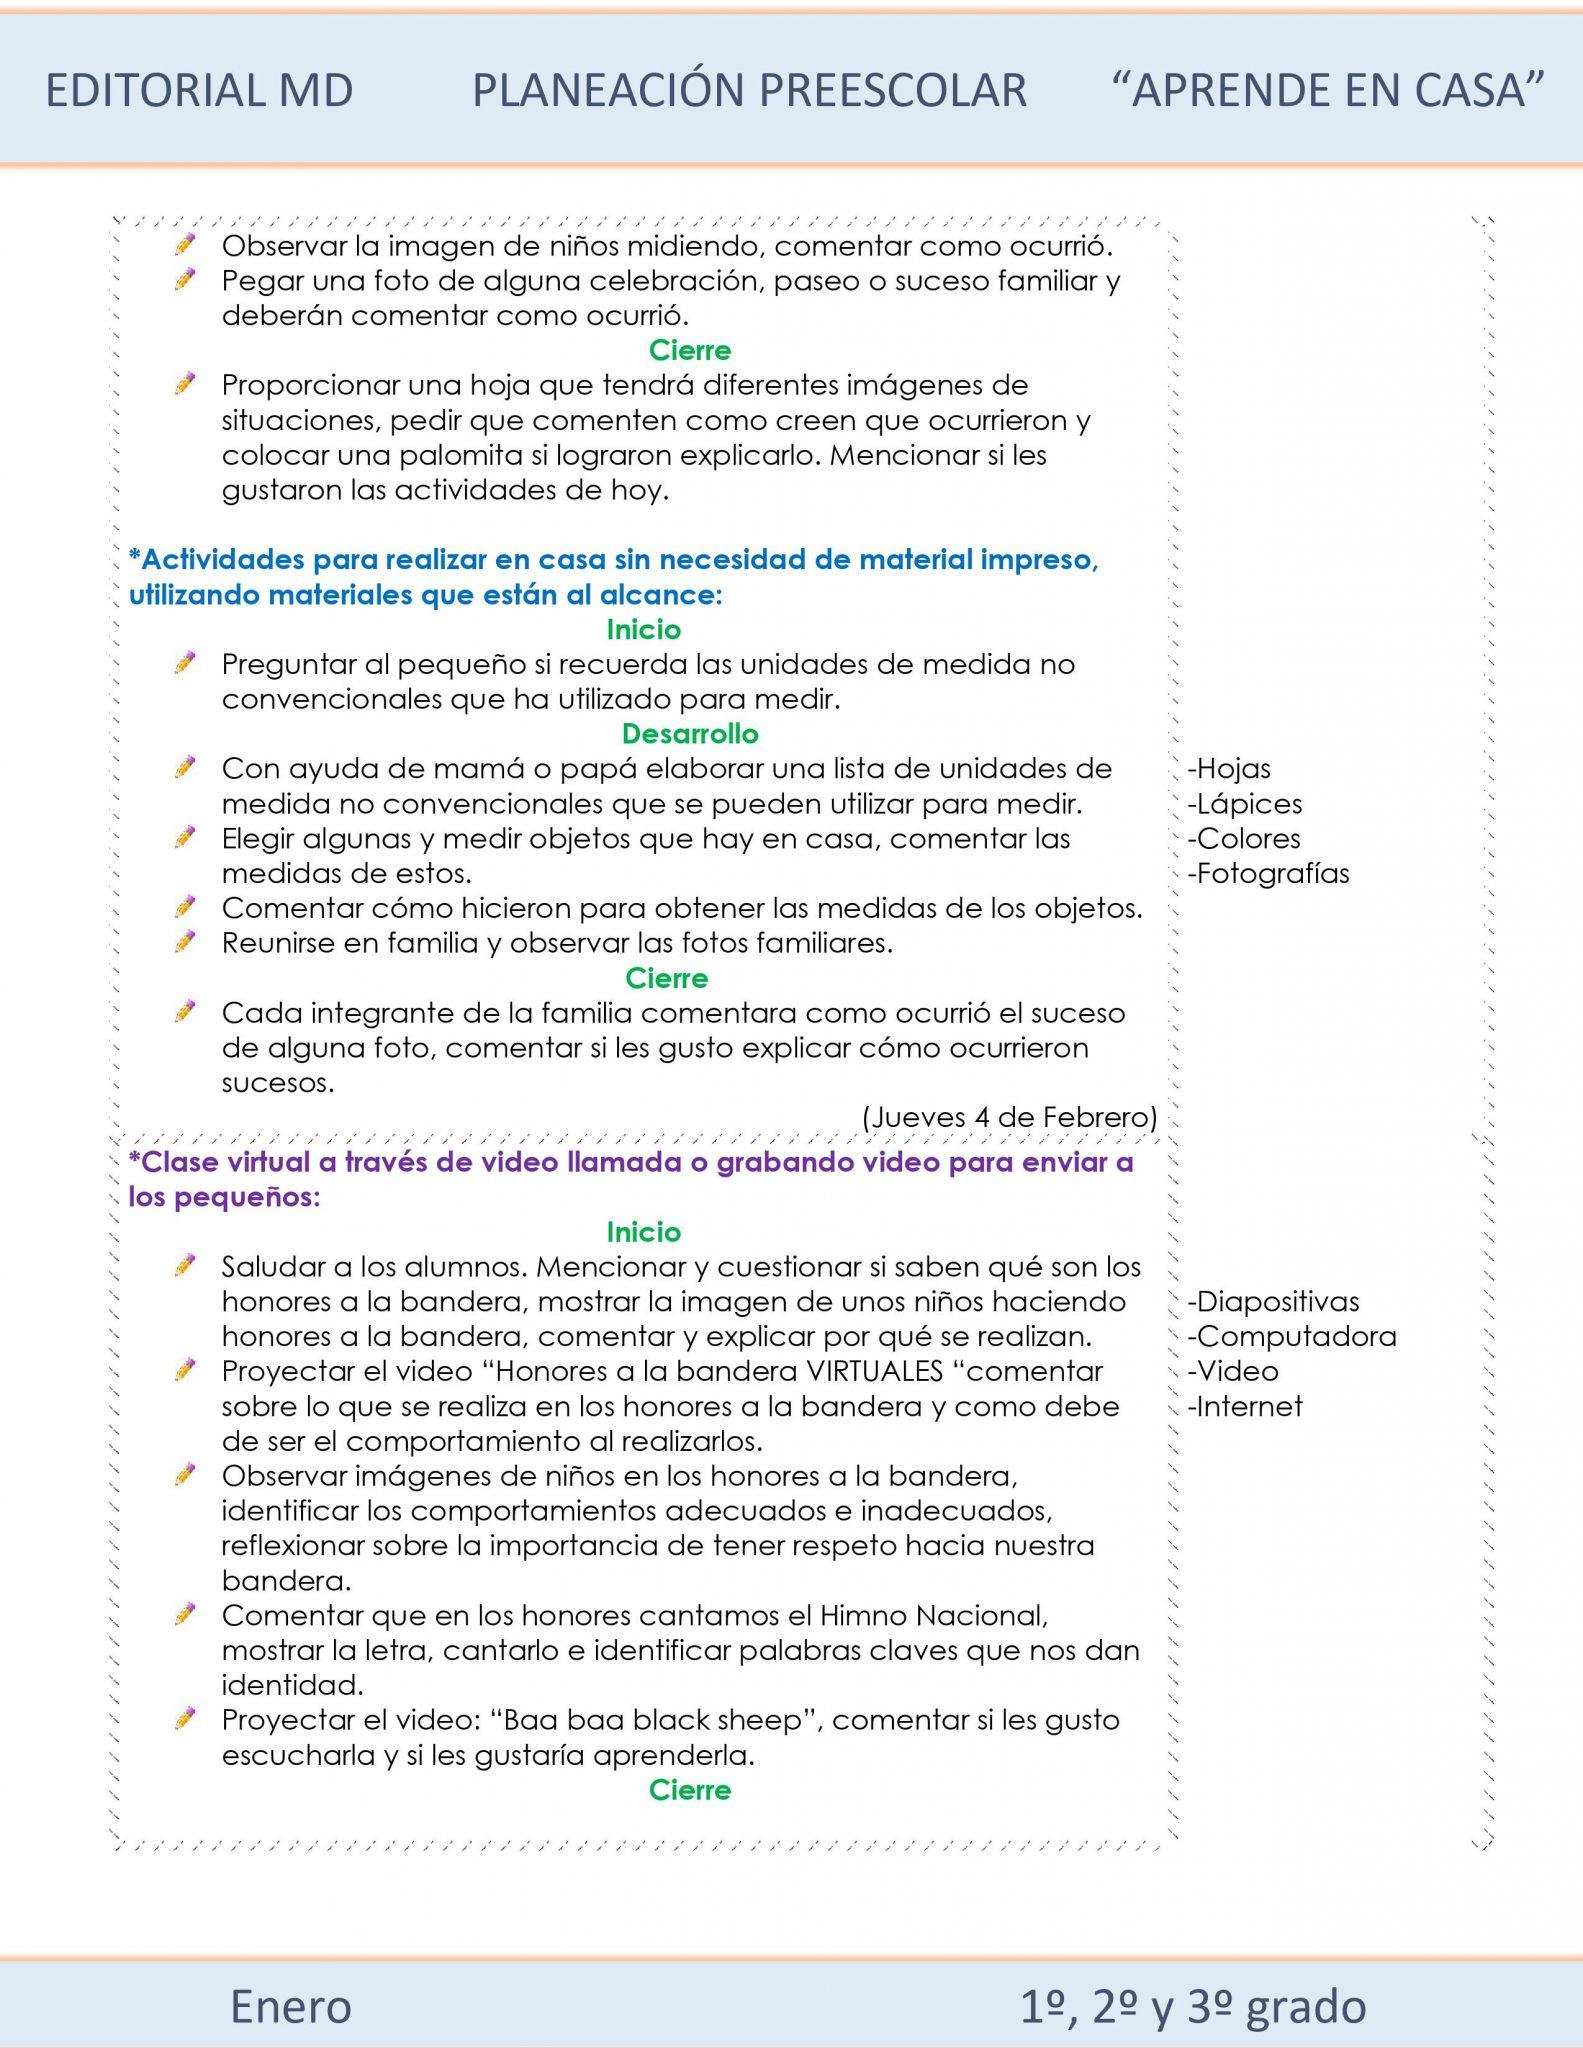 Ejemplo planeación Preescolar del 1 al 5 de Febrero del 2021 02